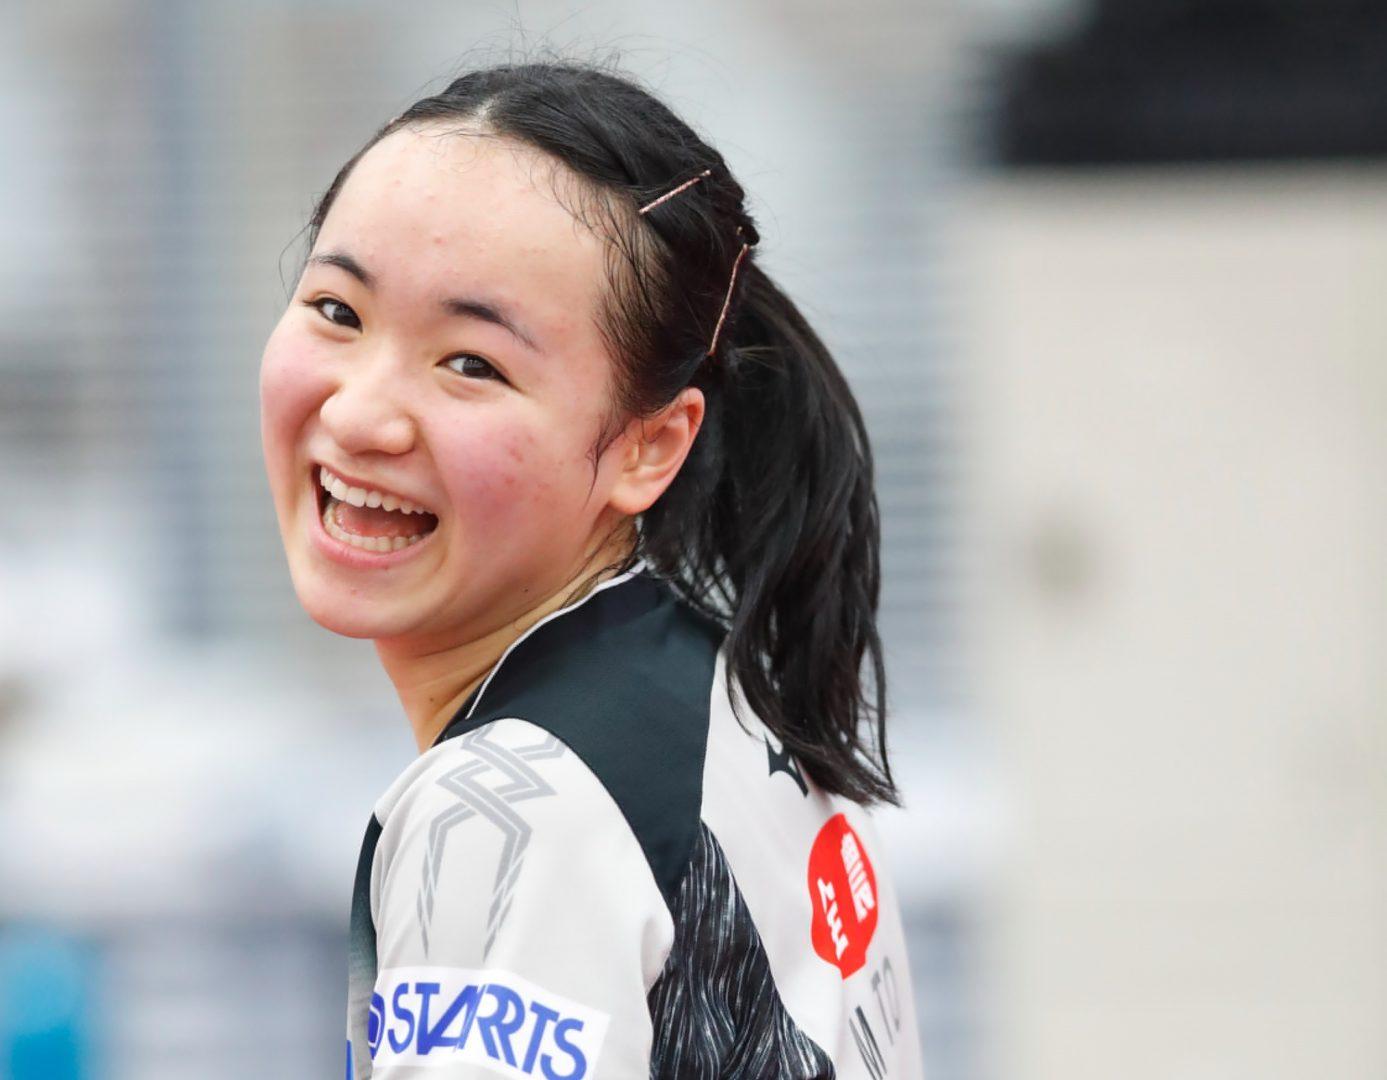 """""""卓球黄金世代""""伊藤美誠、ラストティーンのお祝いに「わちゃわちゃ感が最高にだいすき」"""